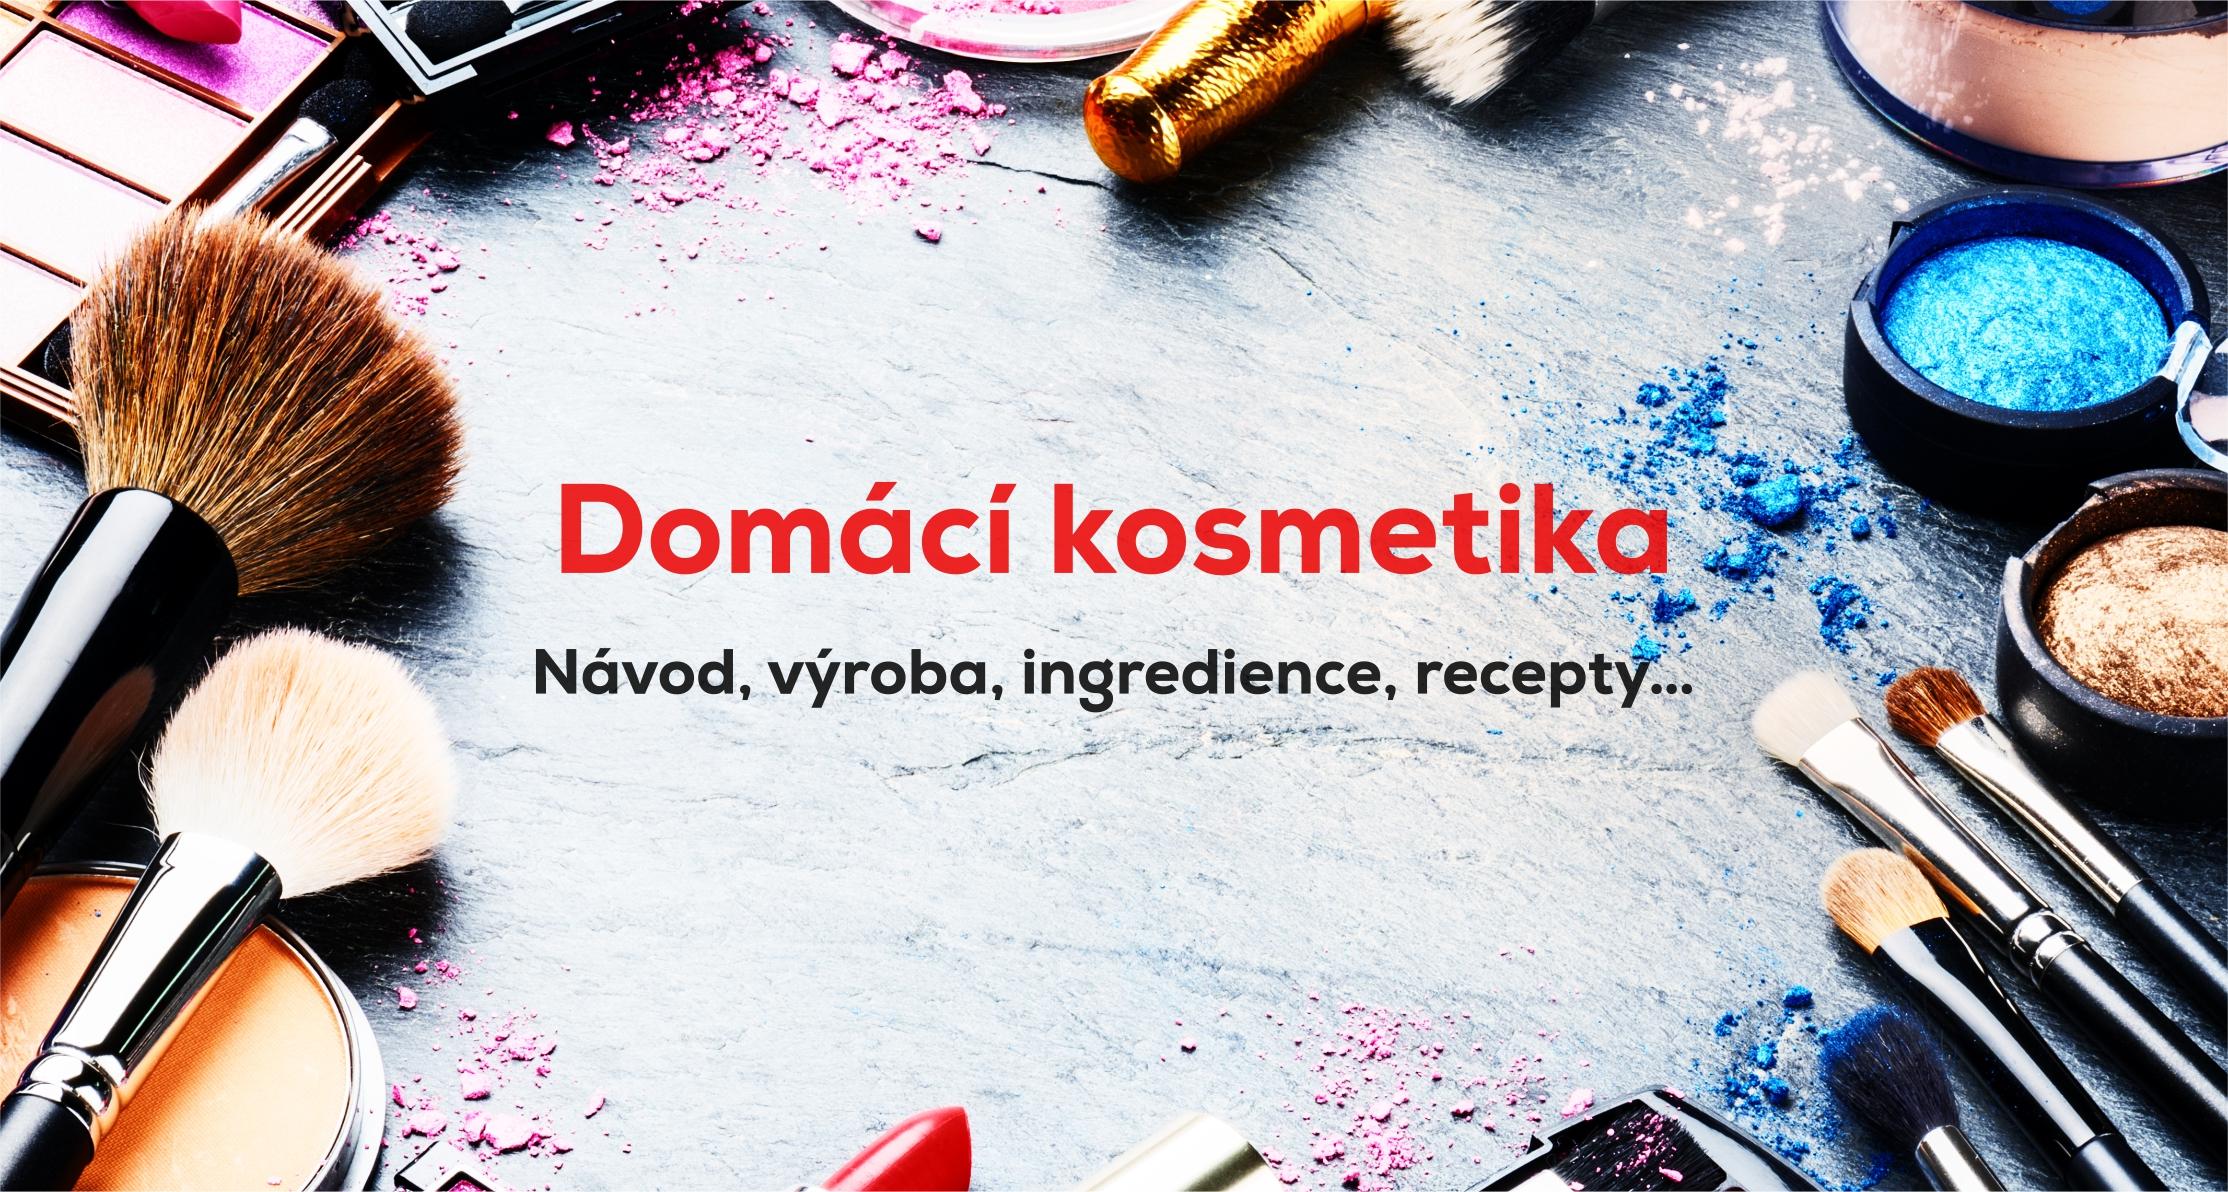 7e6f61c7e Domácí kosmetika → Návod, výroba, ingredience, zkušenosti - Skrblík.cz